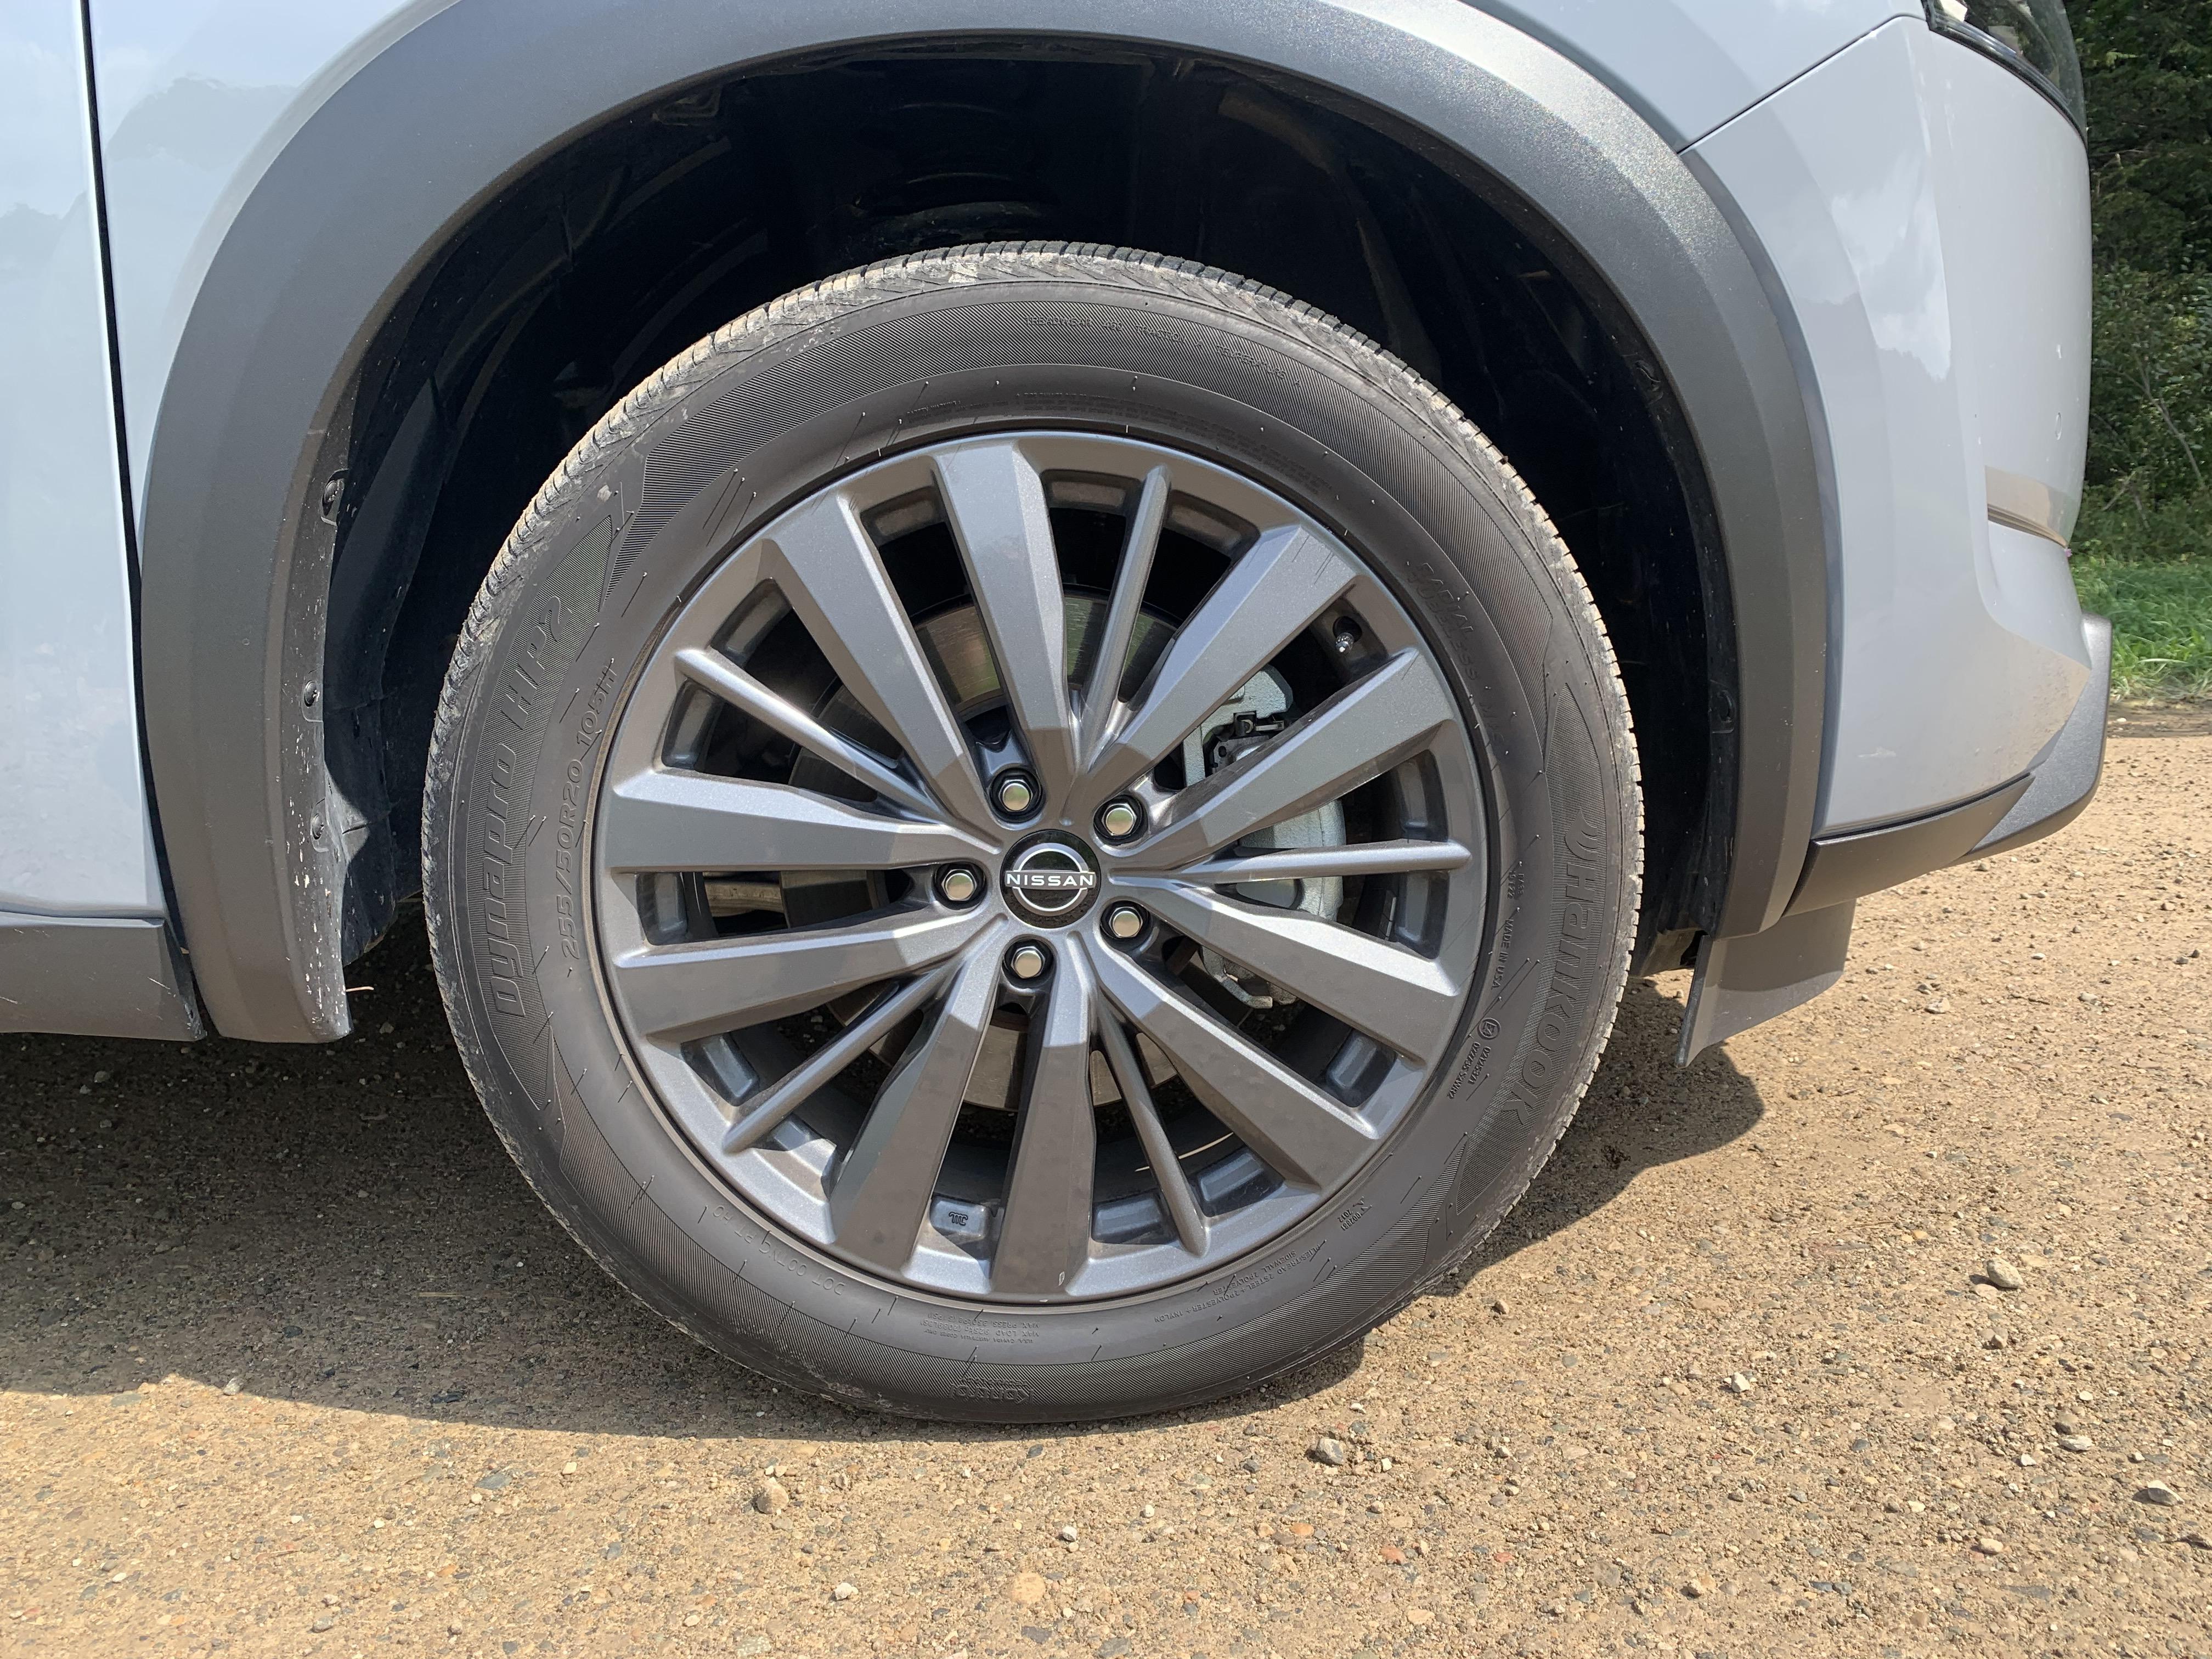 Nissan Pathfinder wheel